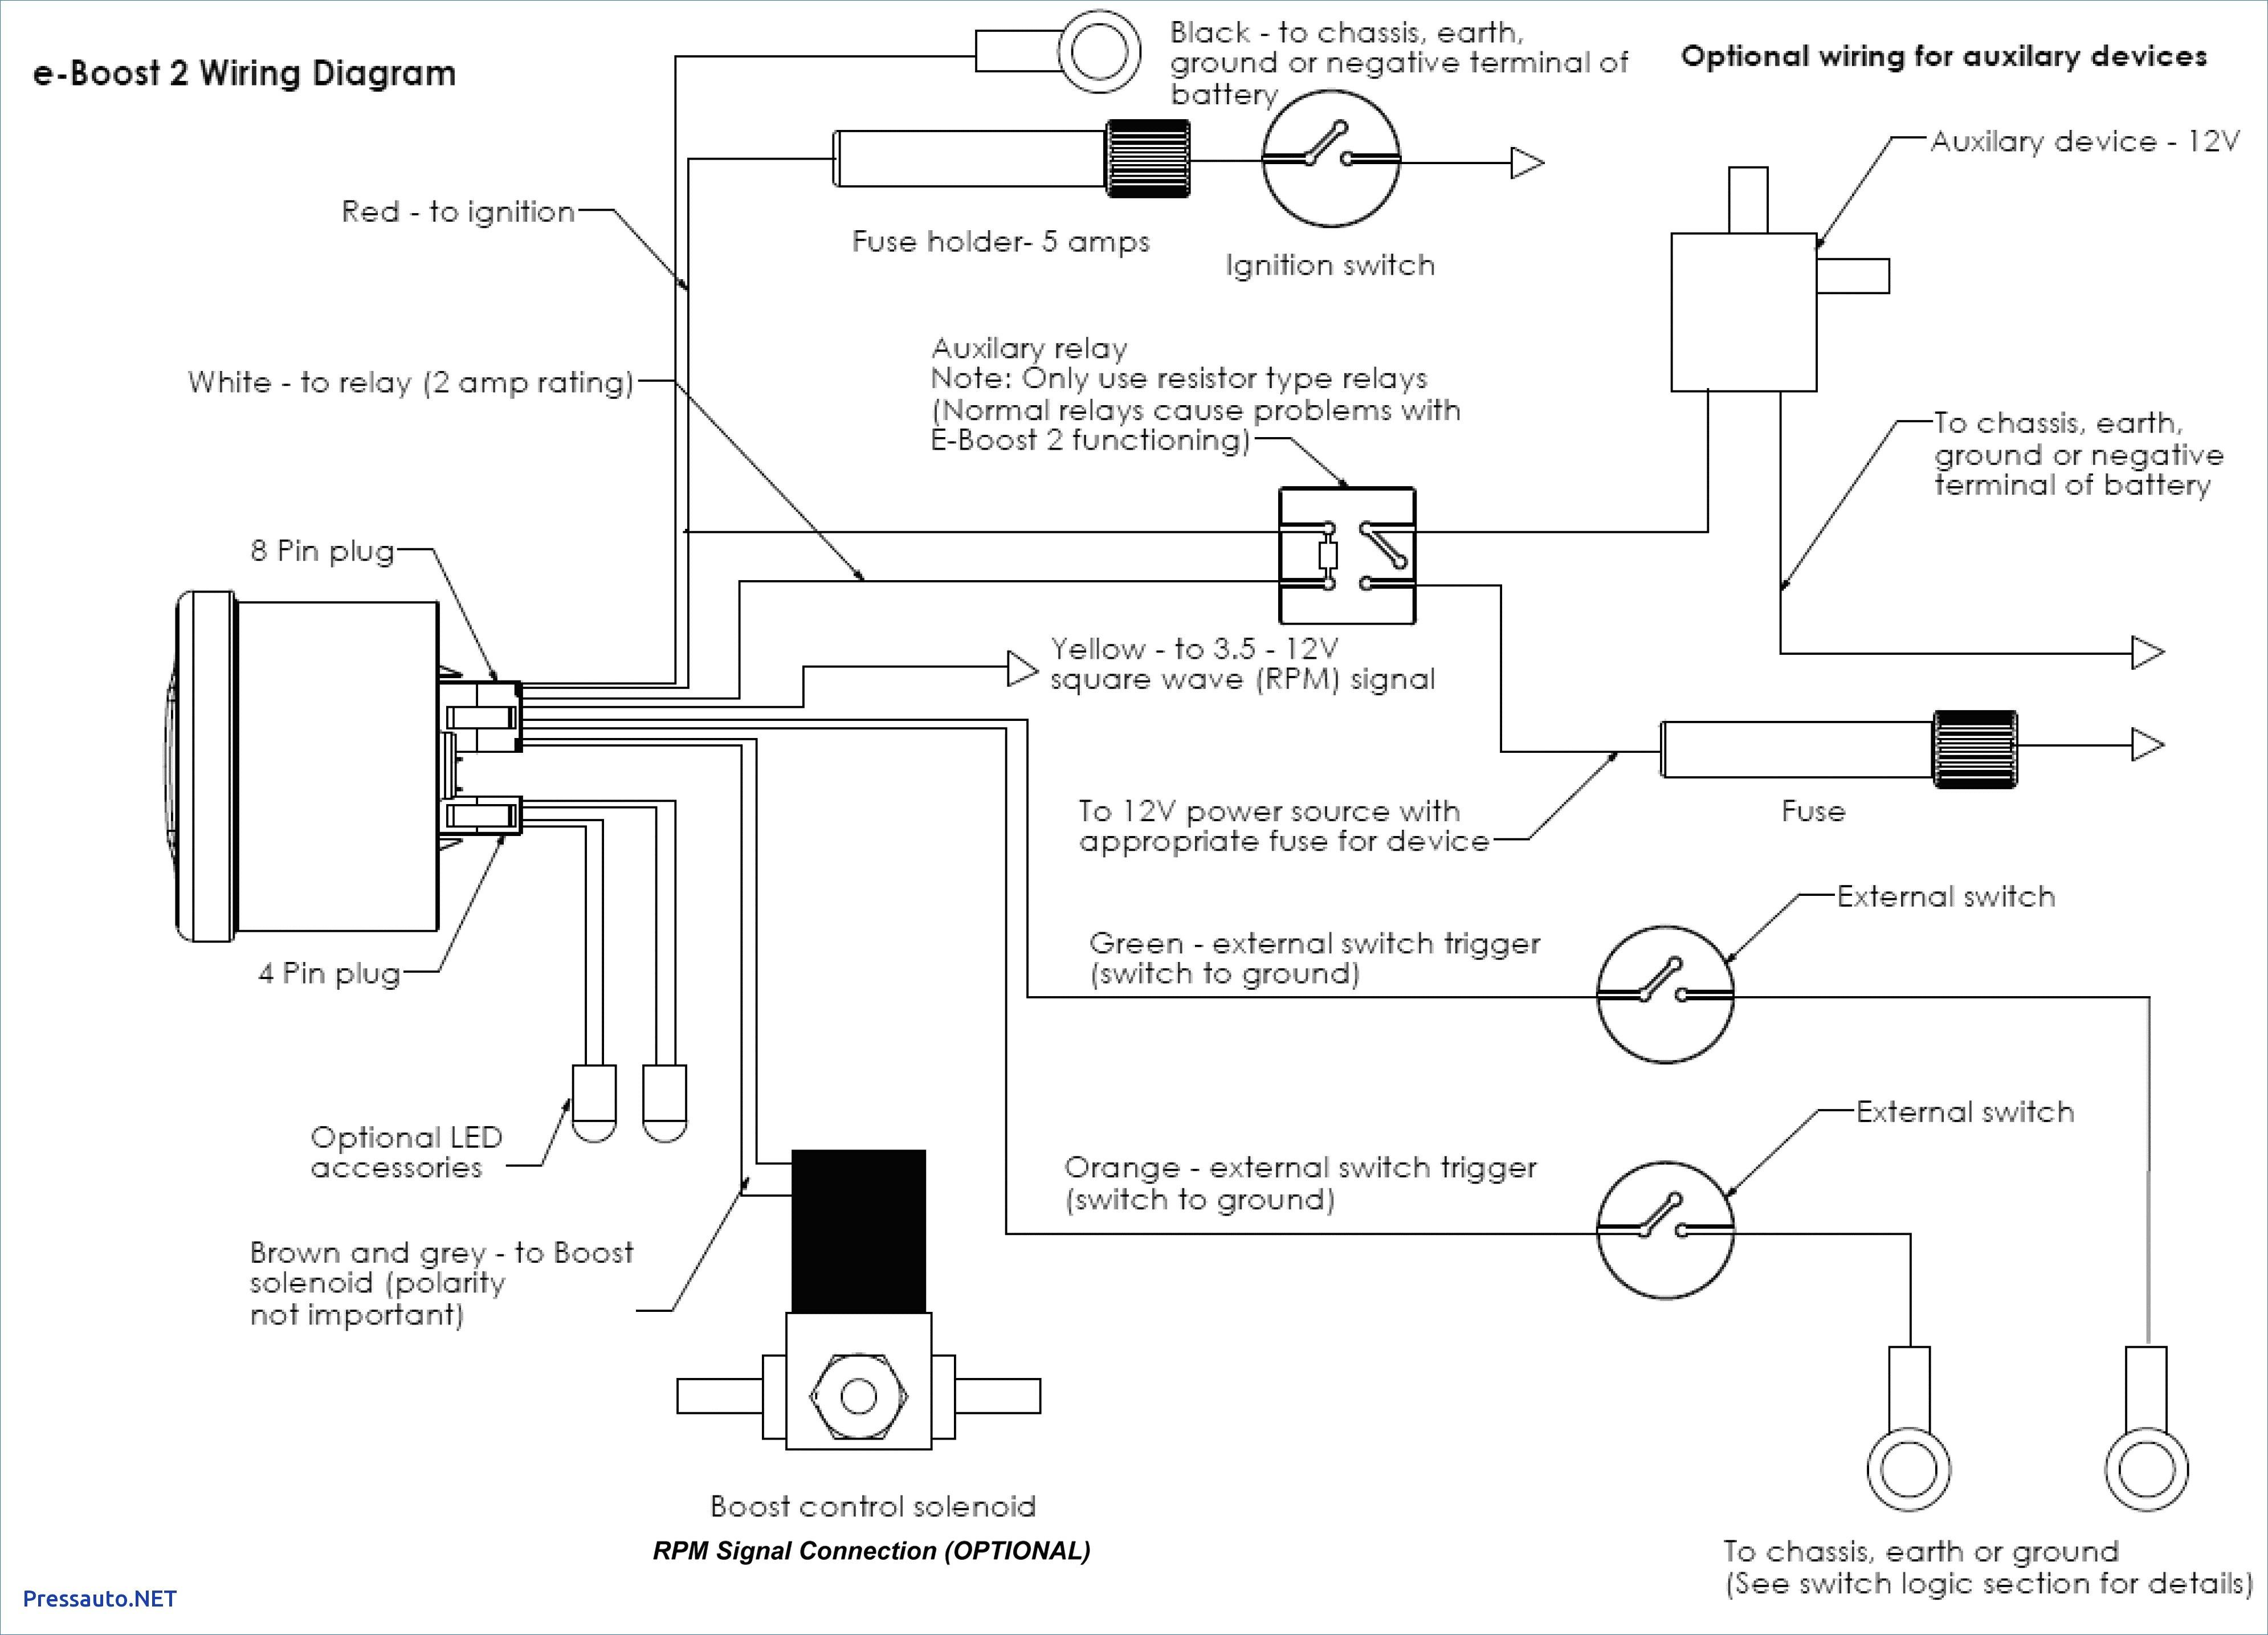 Supco Rco410 Wiring Diagram - Wiring Diagram Description - Refrigerator Compressor Wiring Diagram